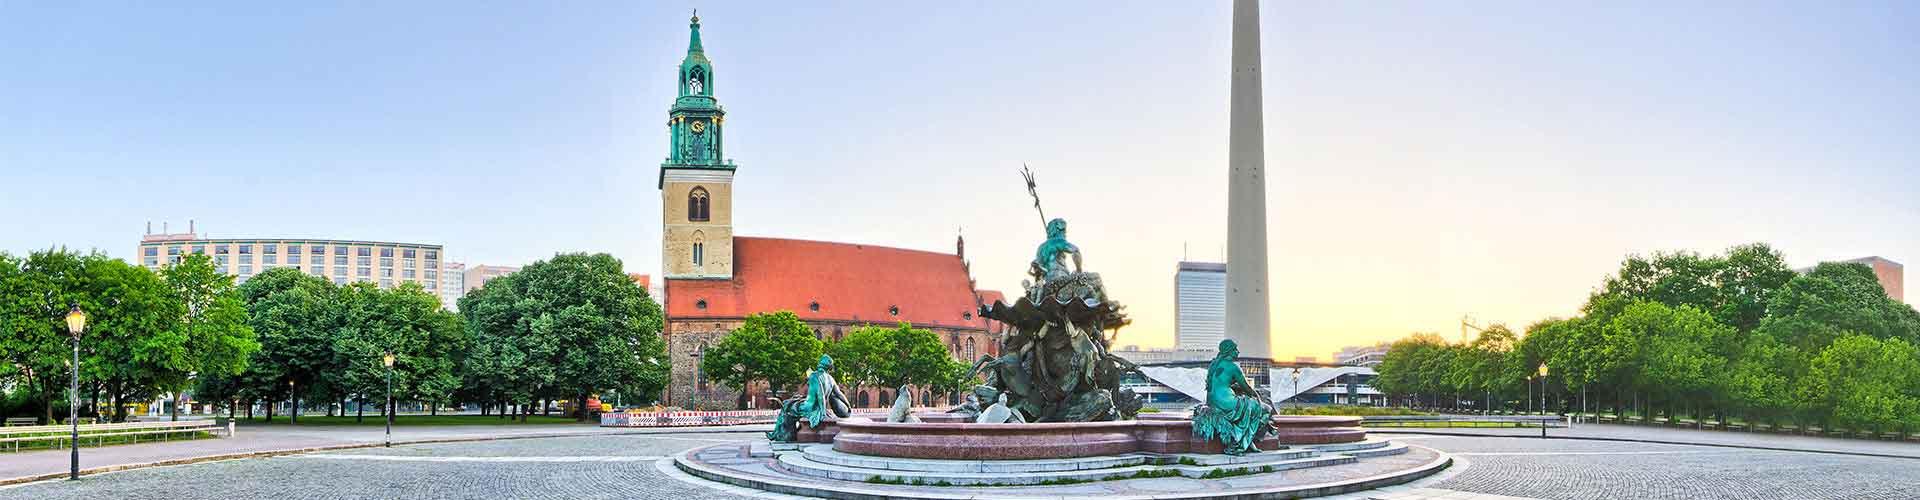 Berlin - Chambres près de Fernsehturm. Cartes pour Berlin, photos et commentaires pour chaque chambre à Berlin.